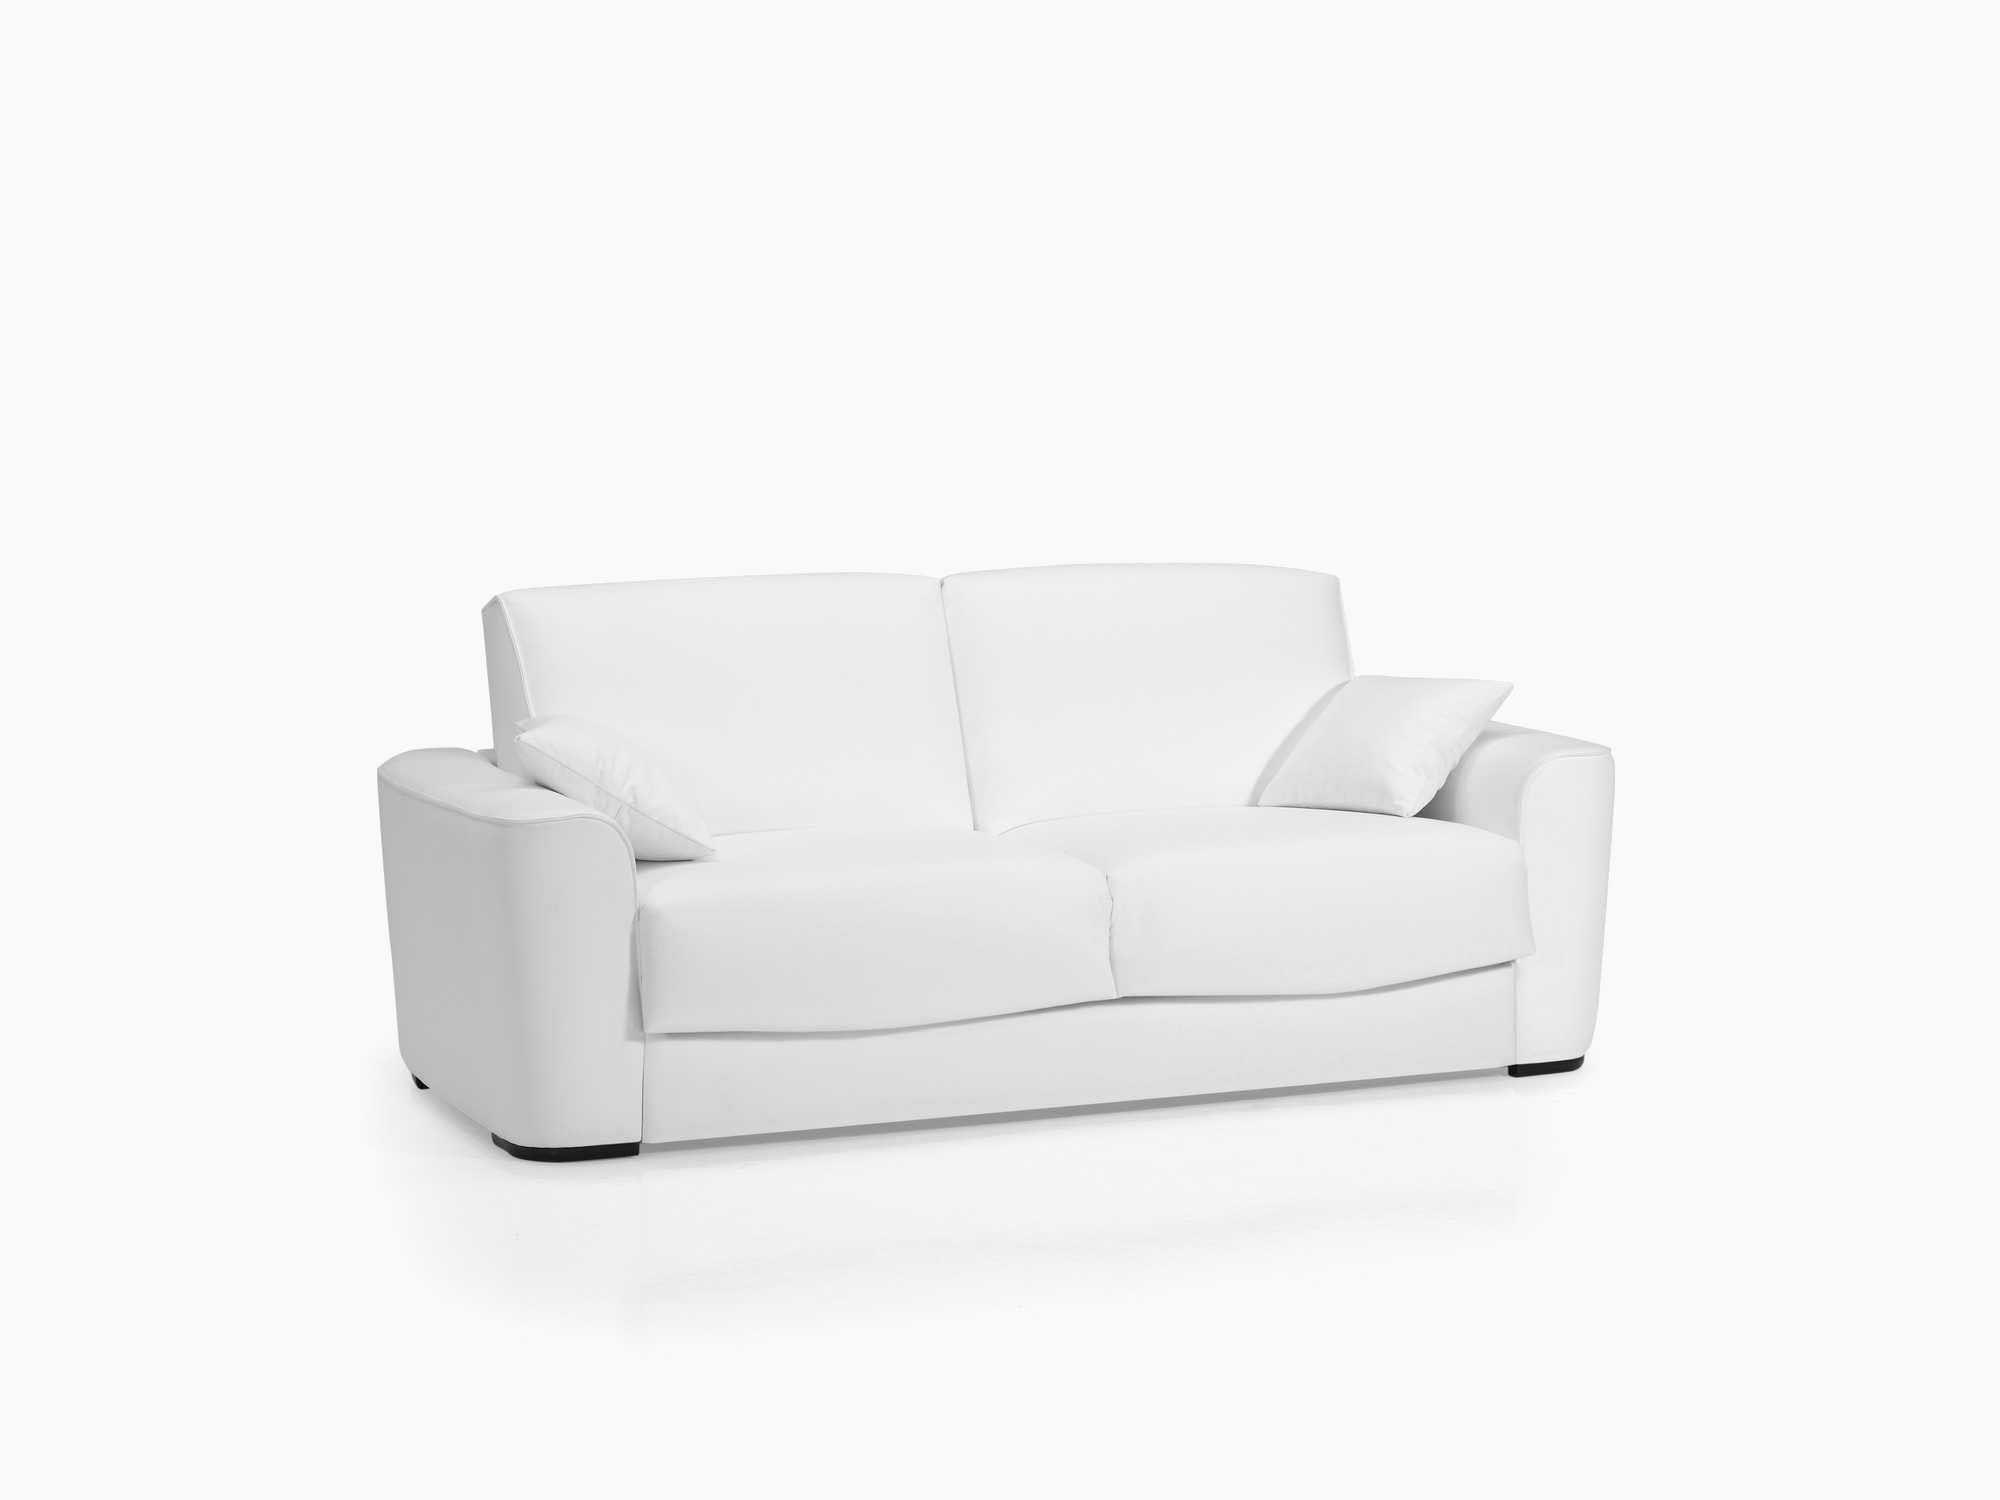 Canape D Angle Convertible Pas Cher Amazon Canape Lit Contemporain